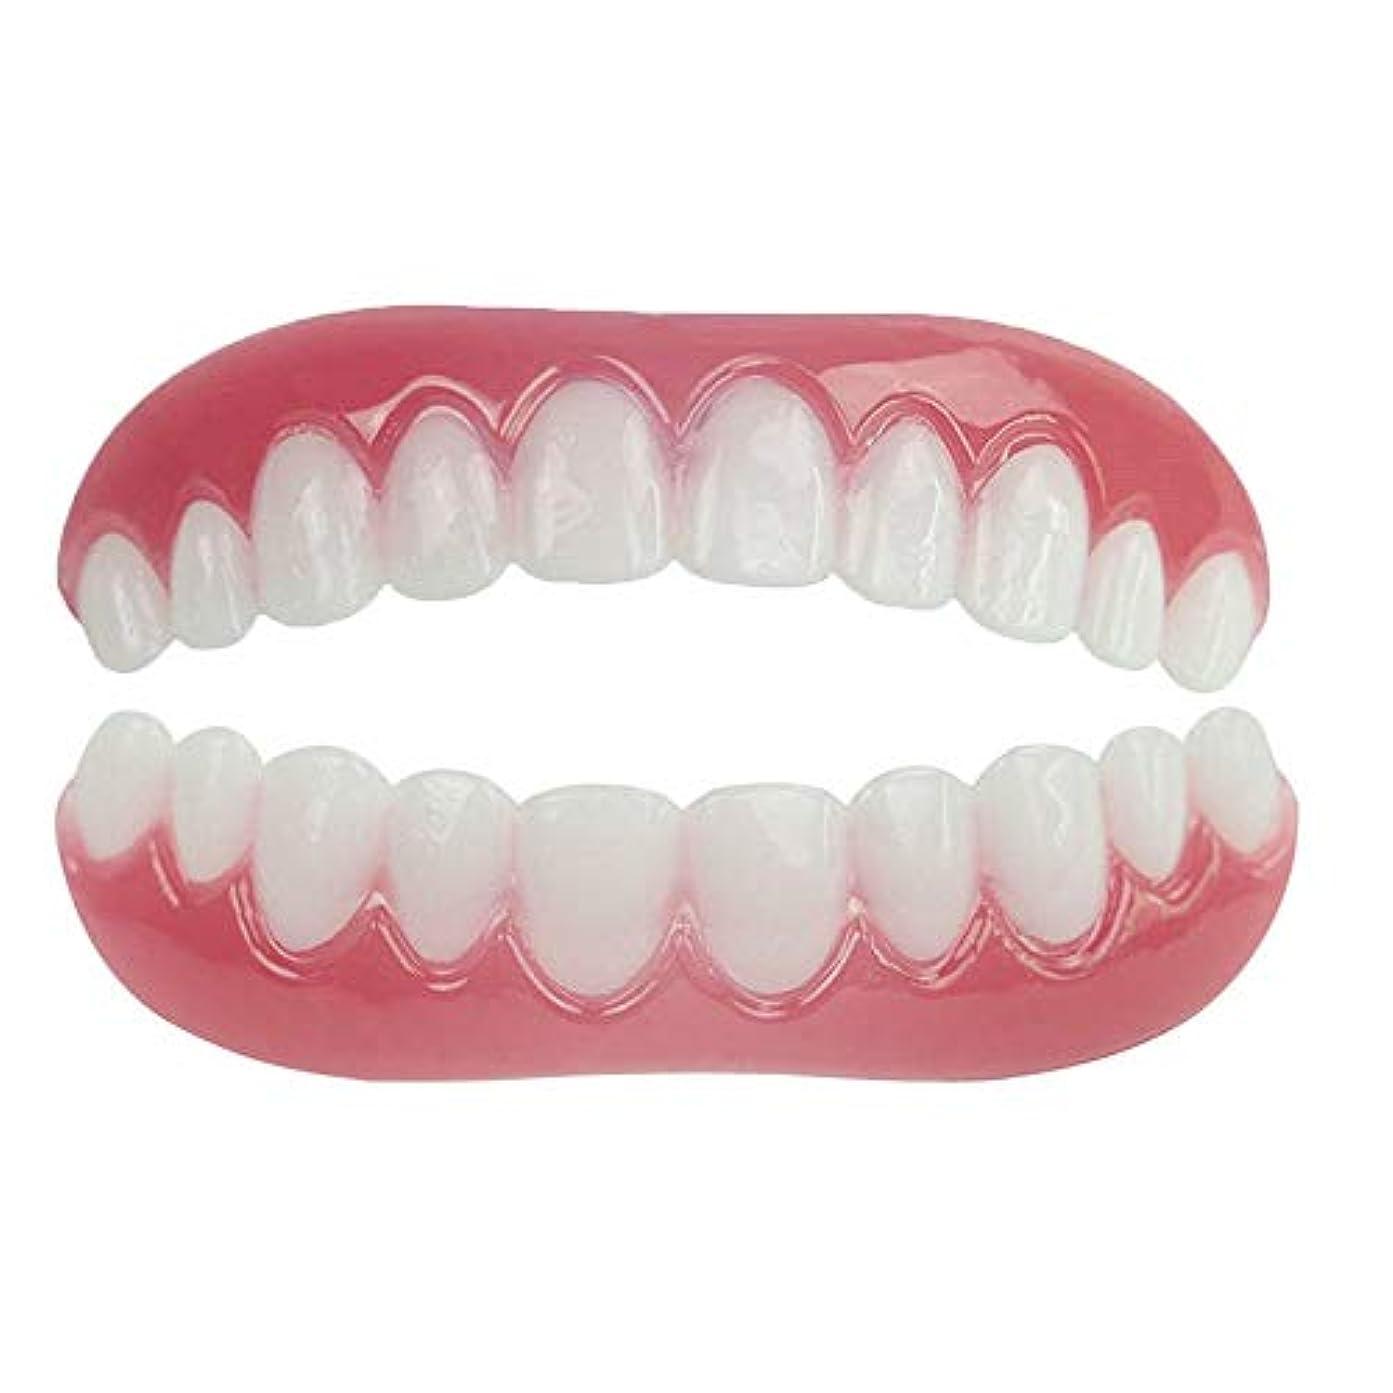 温度シーケンスはっきりしないシリコンシミュレーションの上下の義歯スリーブ、歯科用ベニヤホワイトニングティーセット(2セット),Boxed,UpperLower